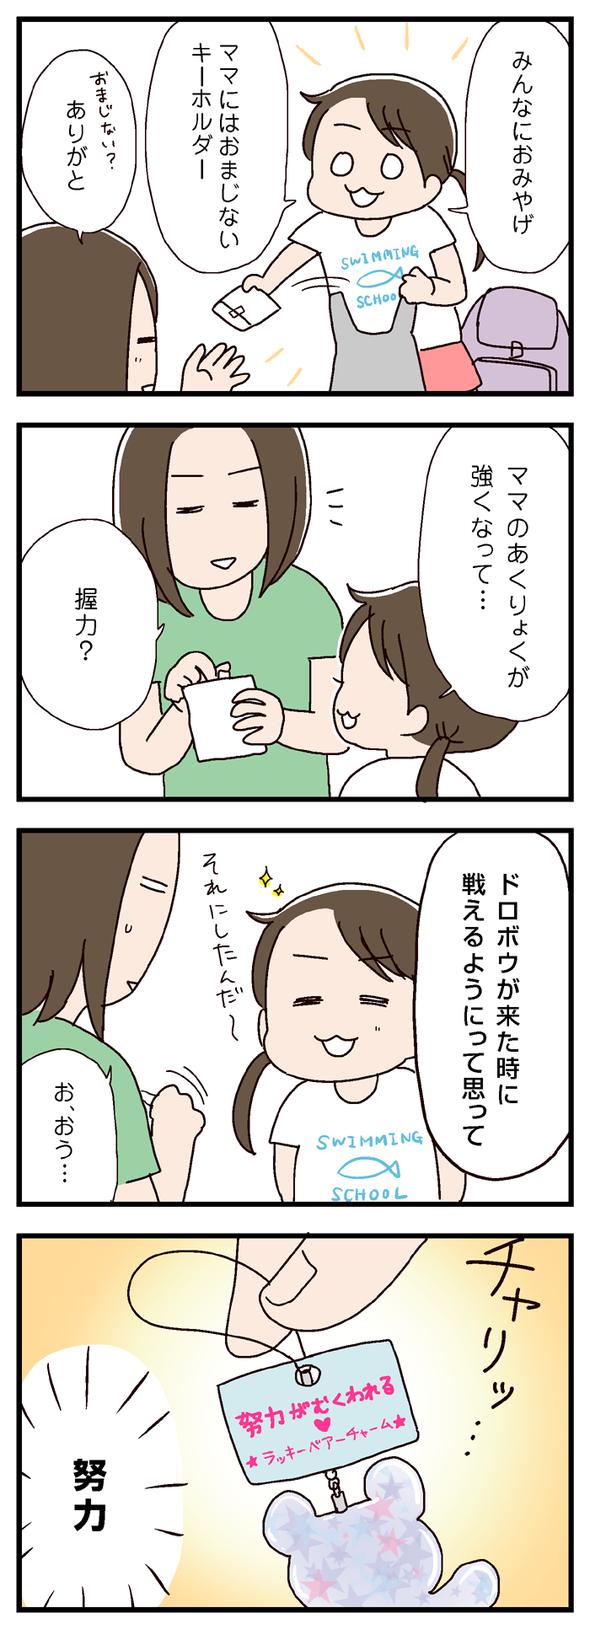 小2女児が母を思って願ったこと